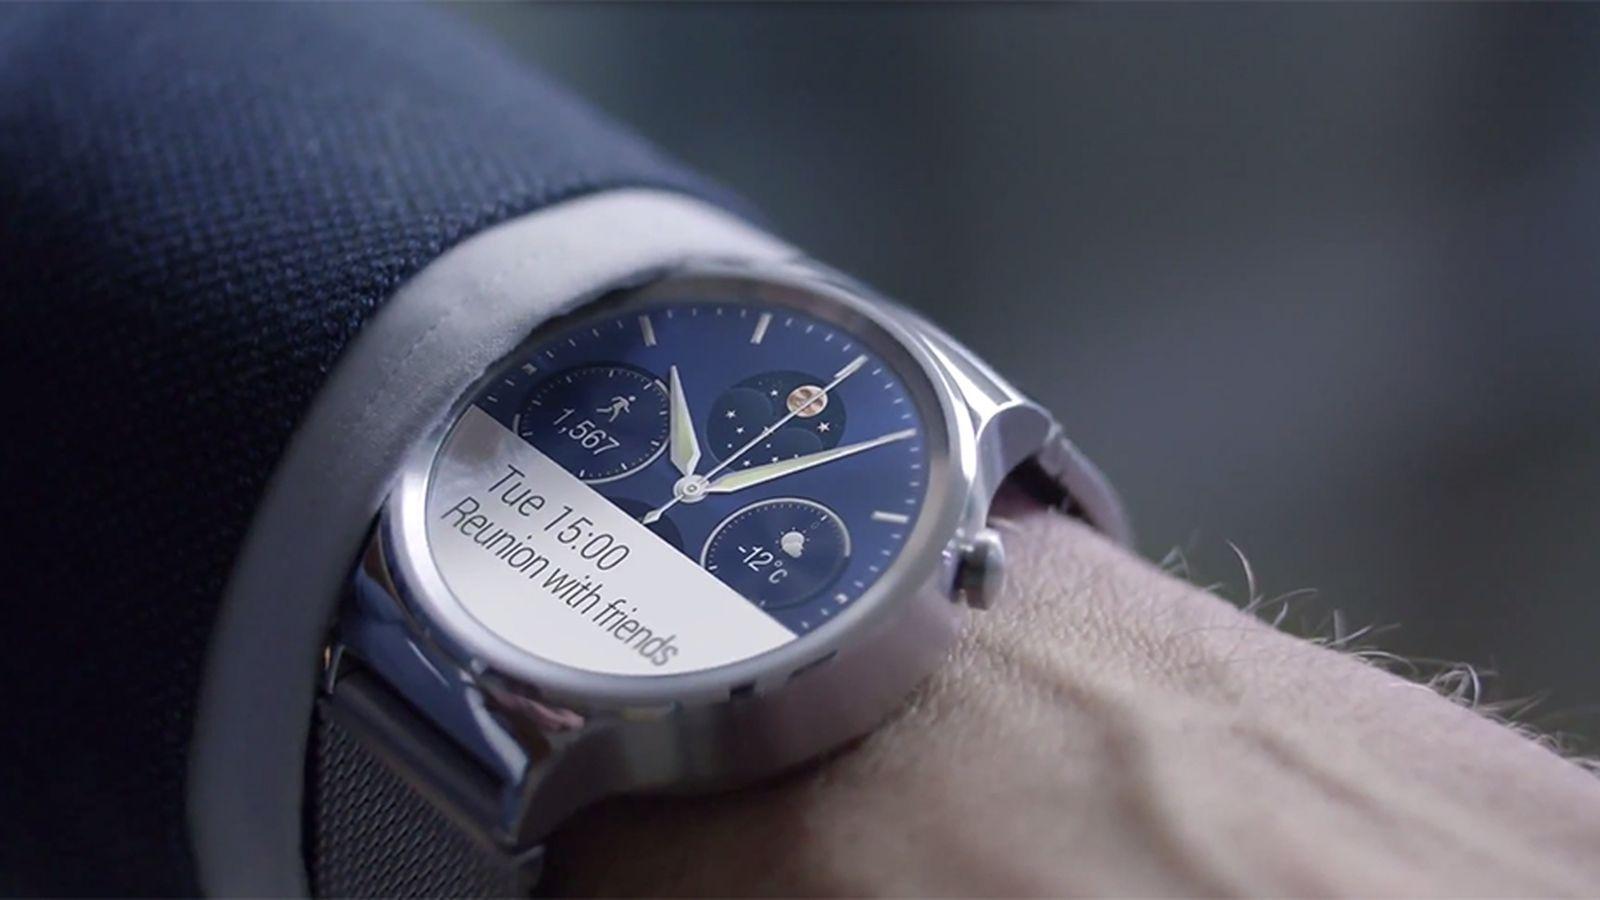 Android Wear 2.0 được dự kiến ra mắt trong ngày 9/2, sẽ có 18 mẫu smartwatch hiện tại được cập nhật